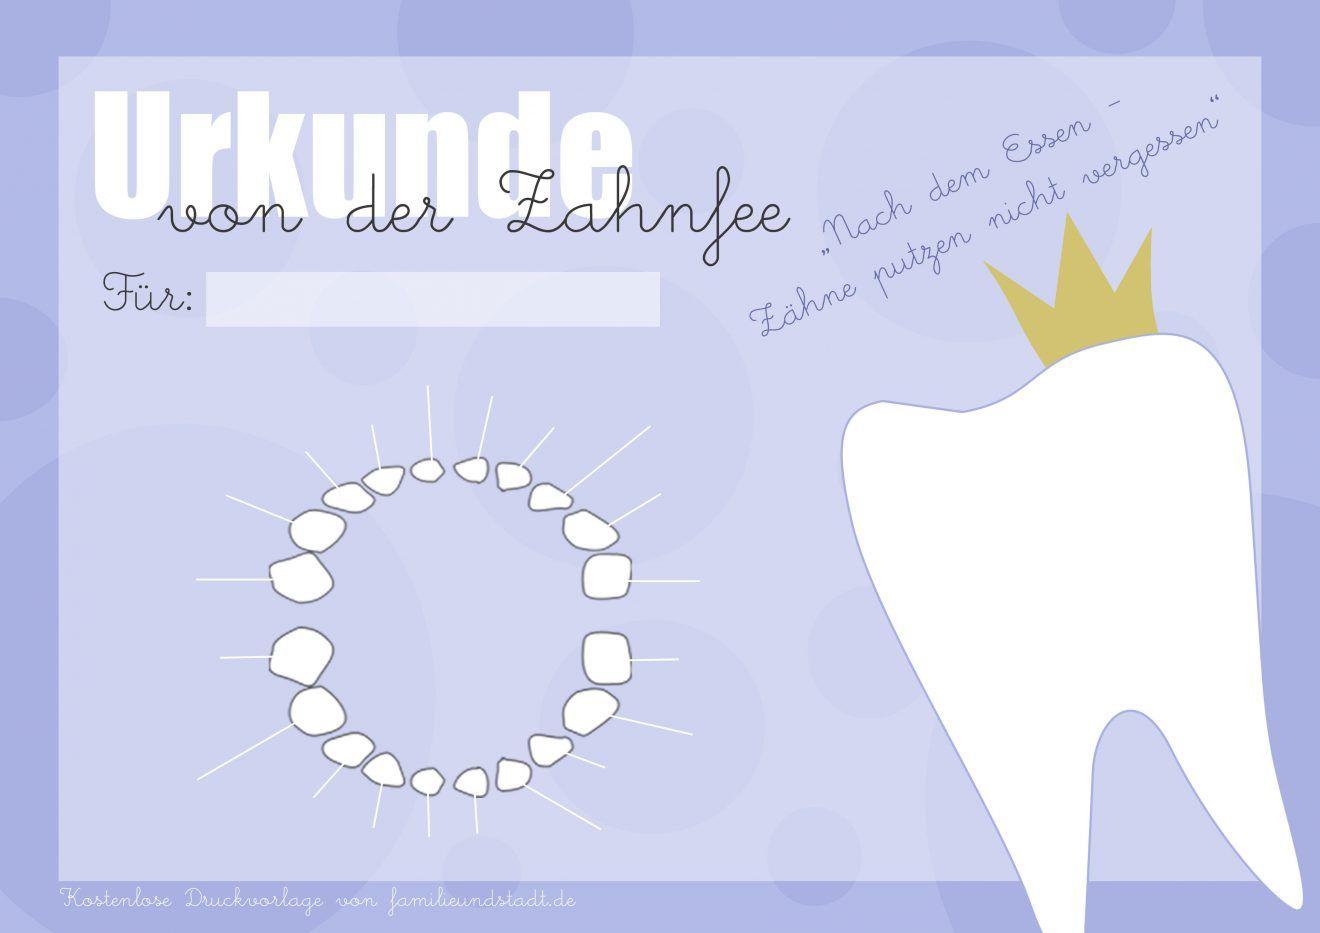 Erfreut Zahnfee Zertifikatvorlage Bilder - zertifizierungsstelle ...